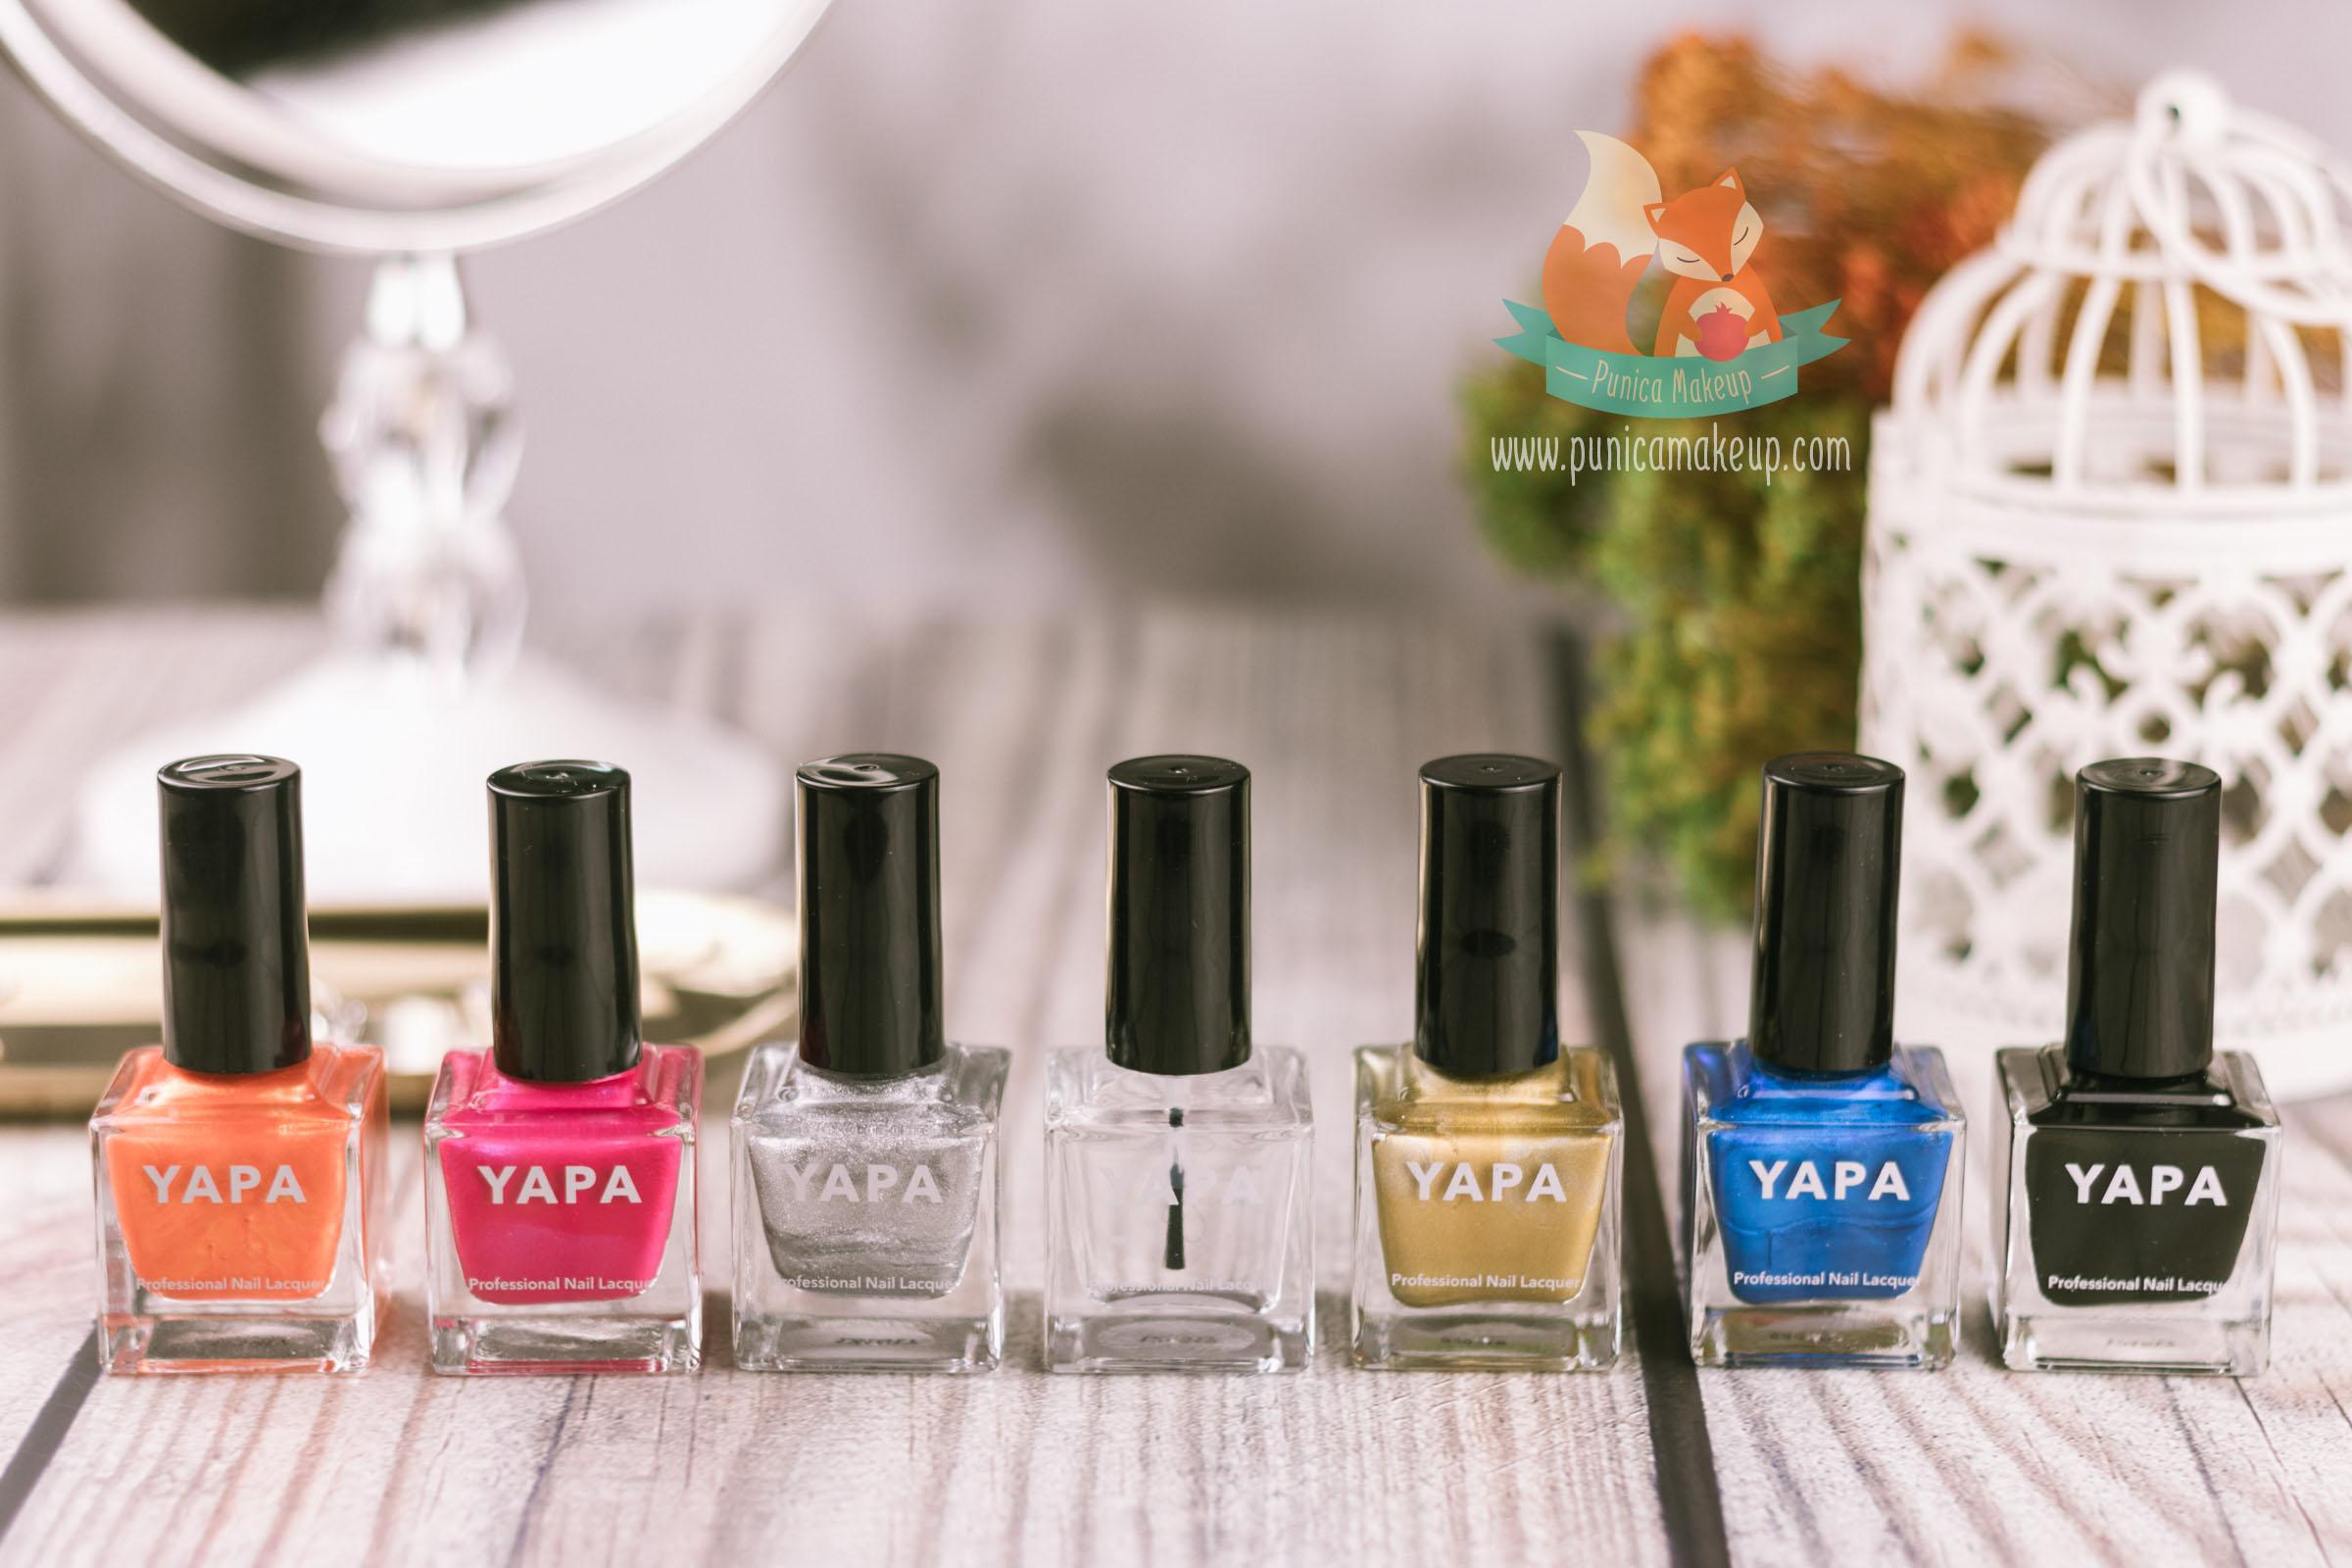 YAPA Beauty Nail Polish Featured